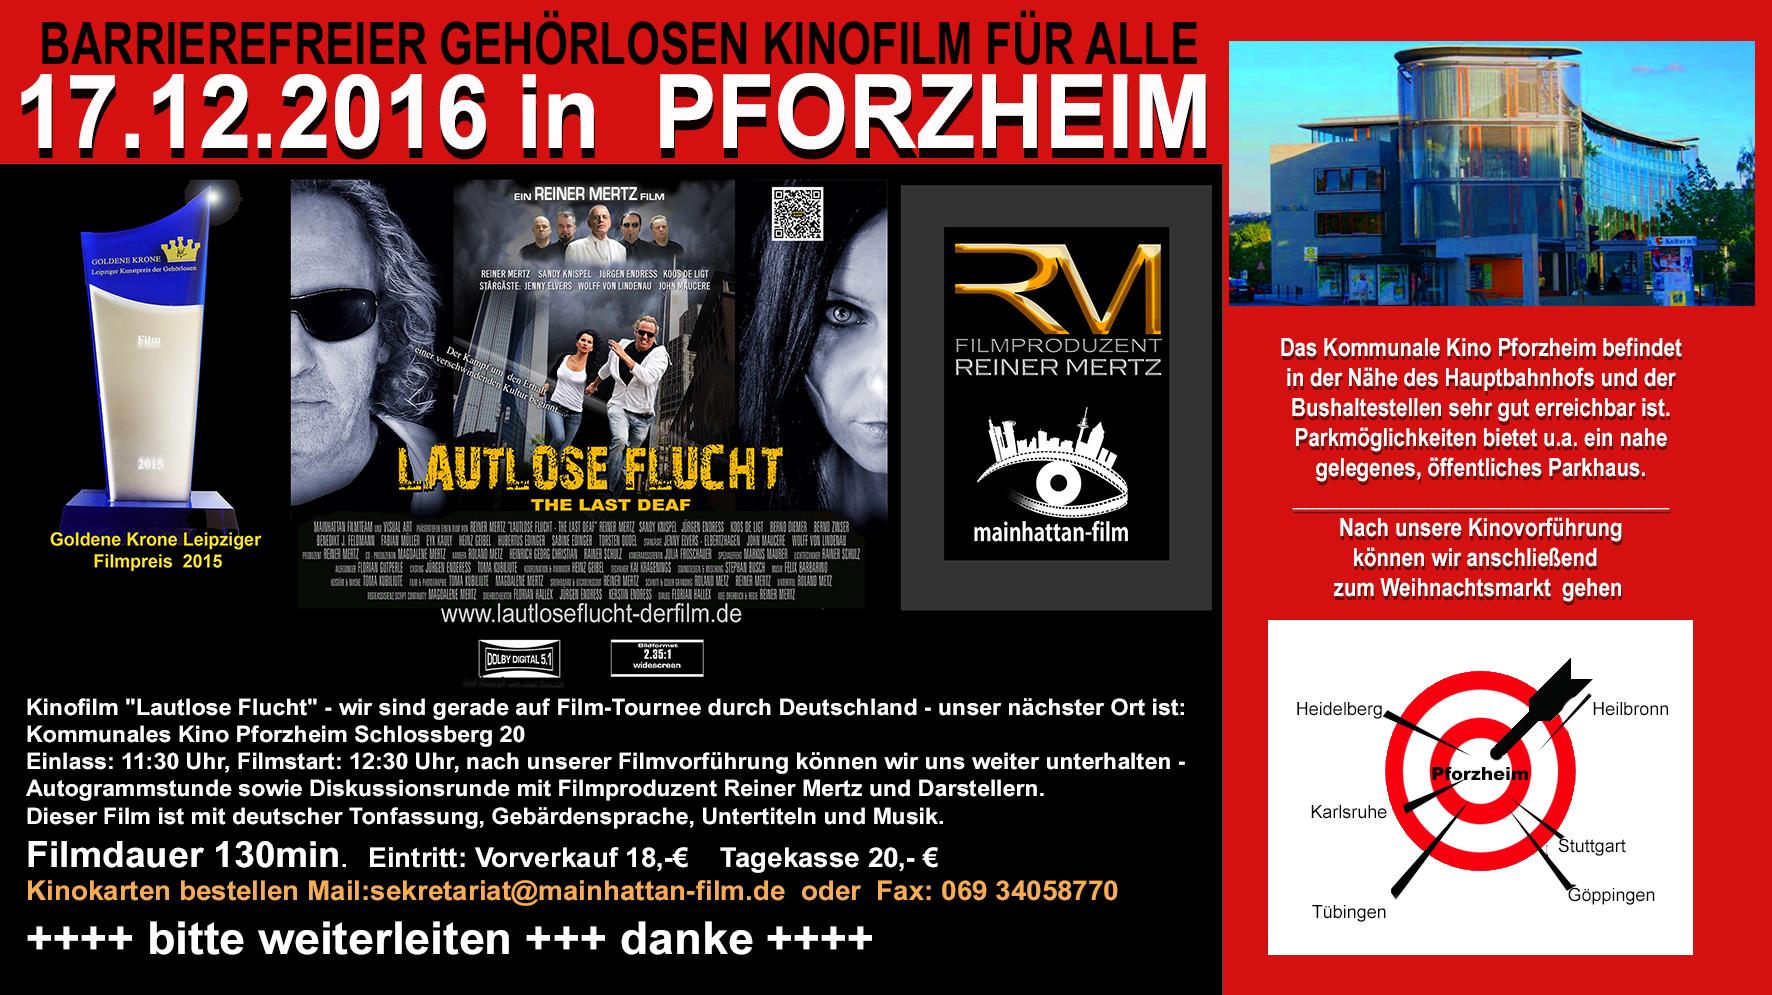 kino-pforzheim